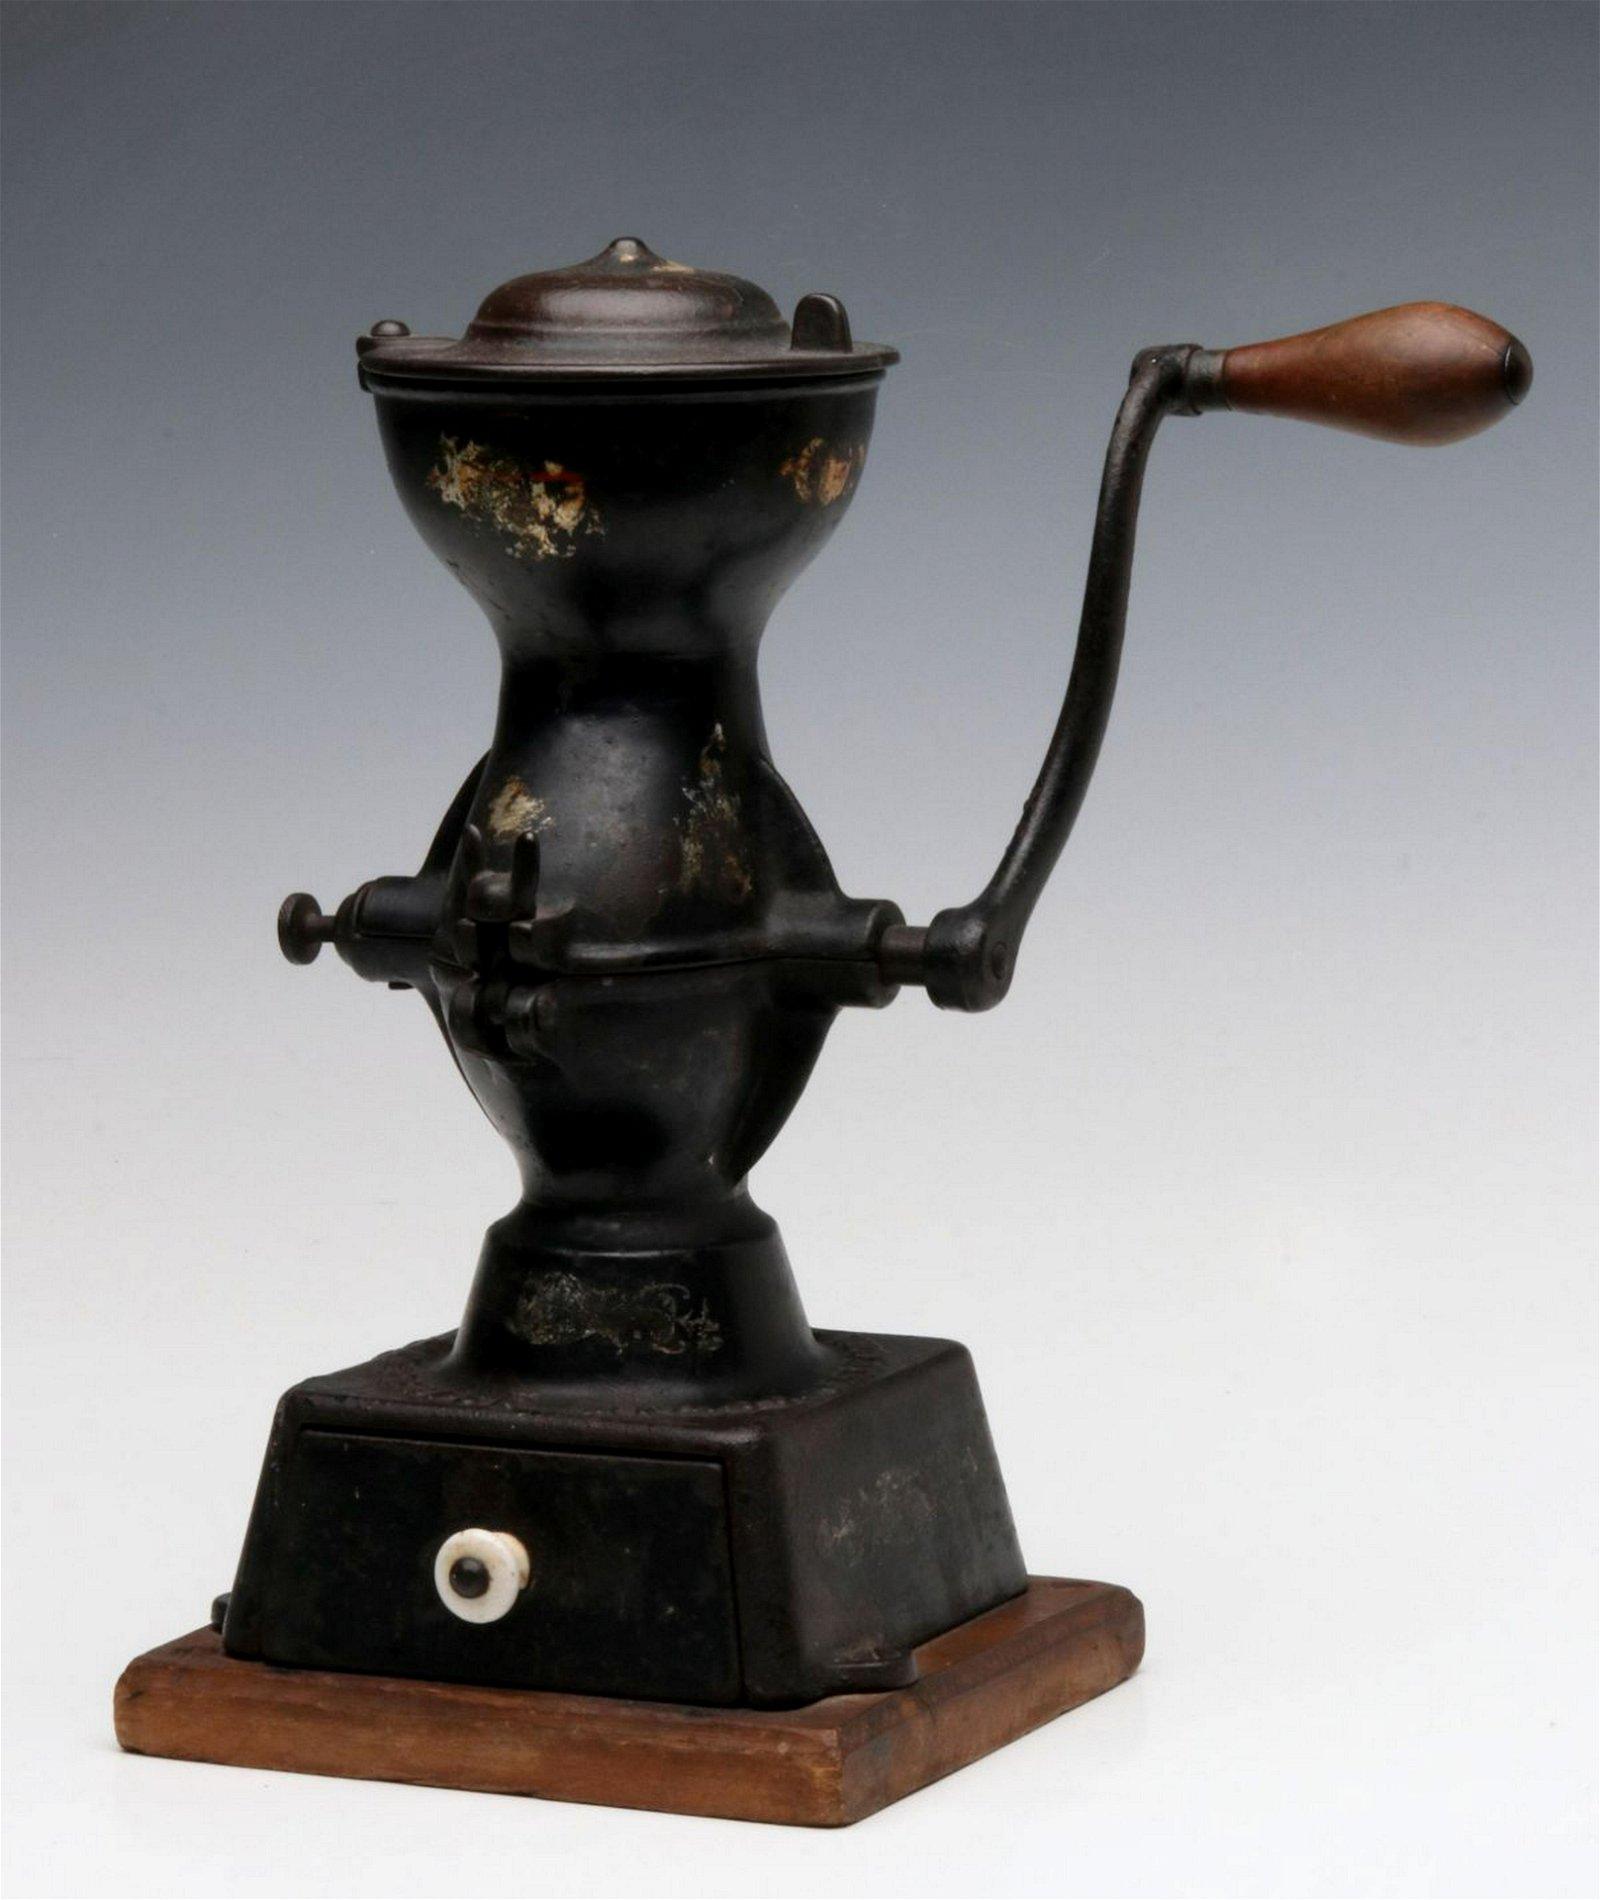 AN ENTERPRISE NO. 1 CAST IRON COFFEE MILL CIRCA 1875